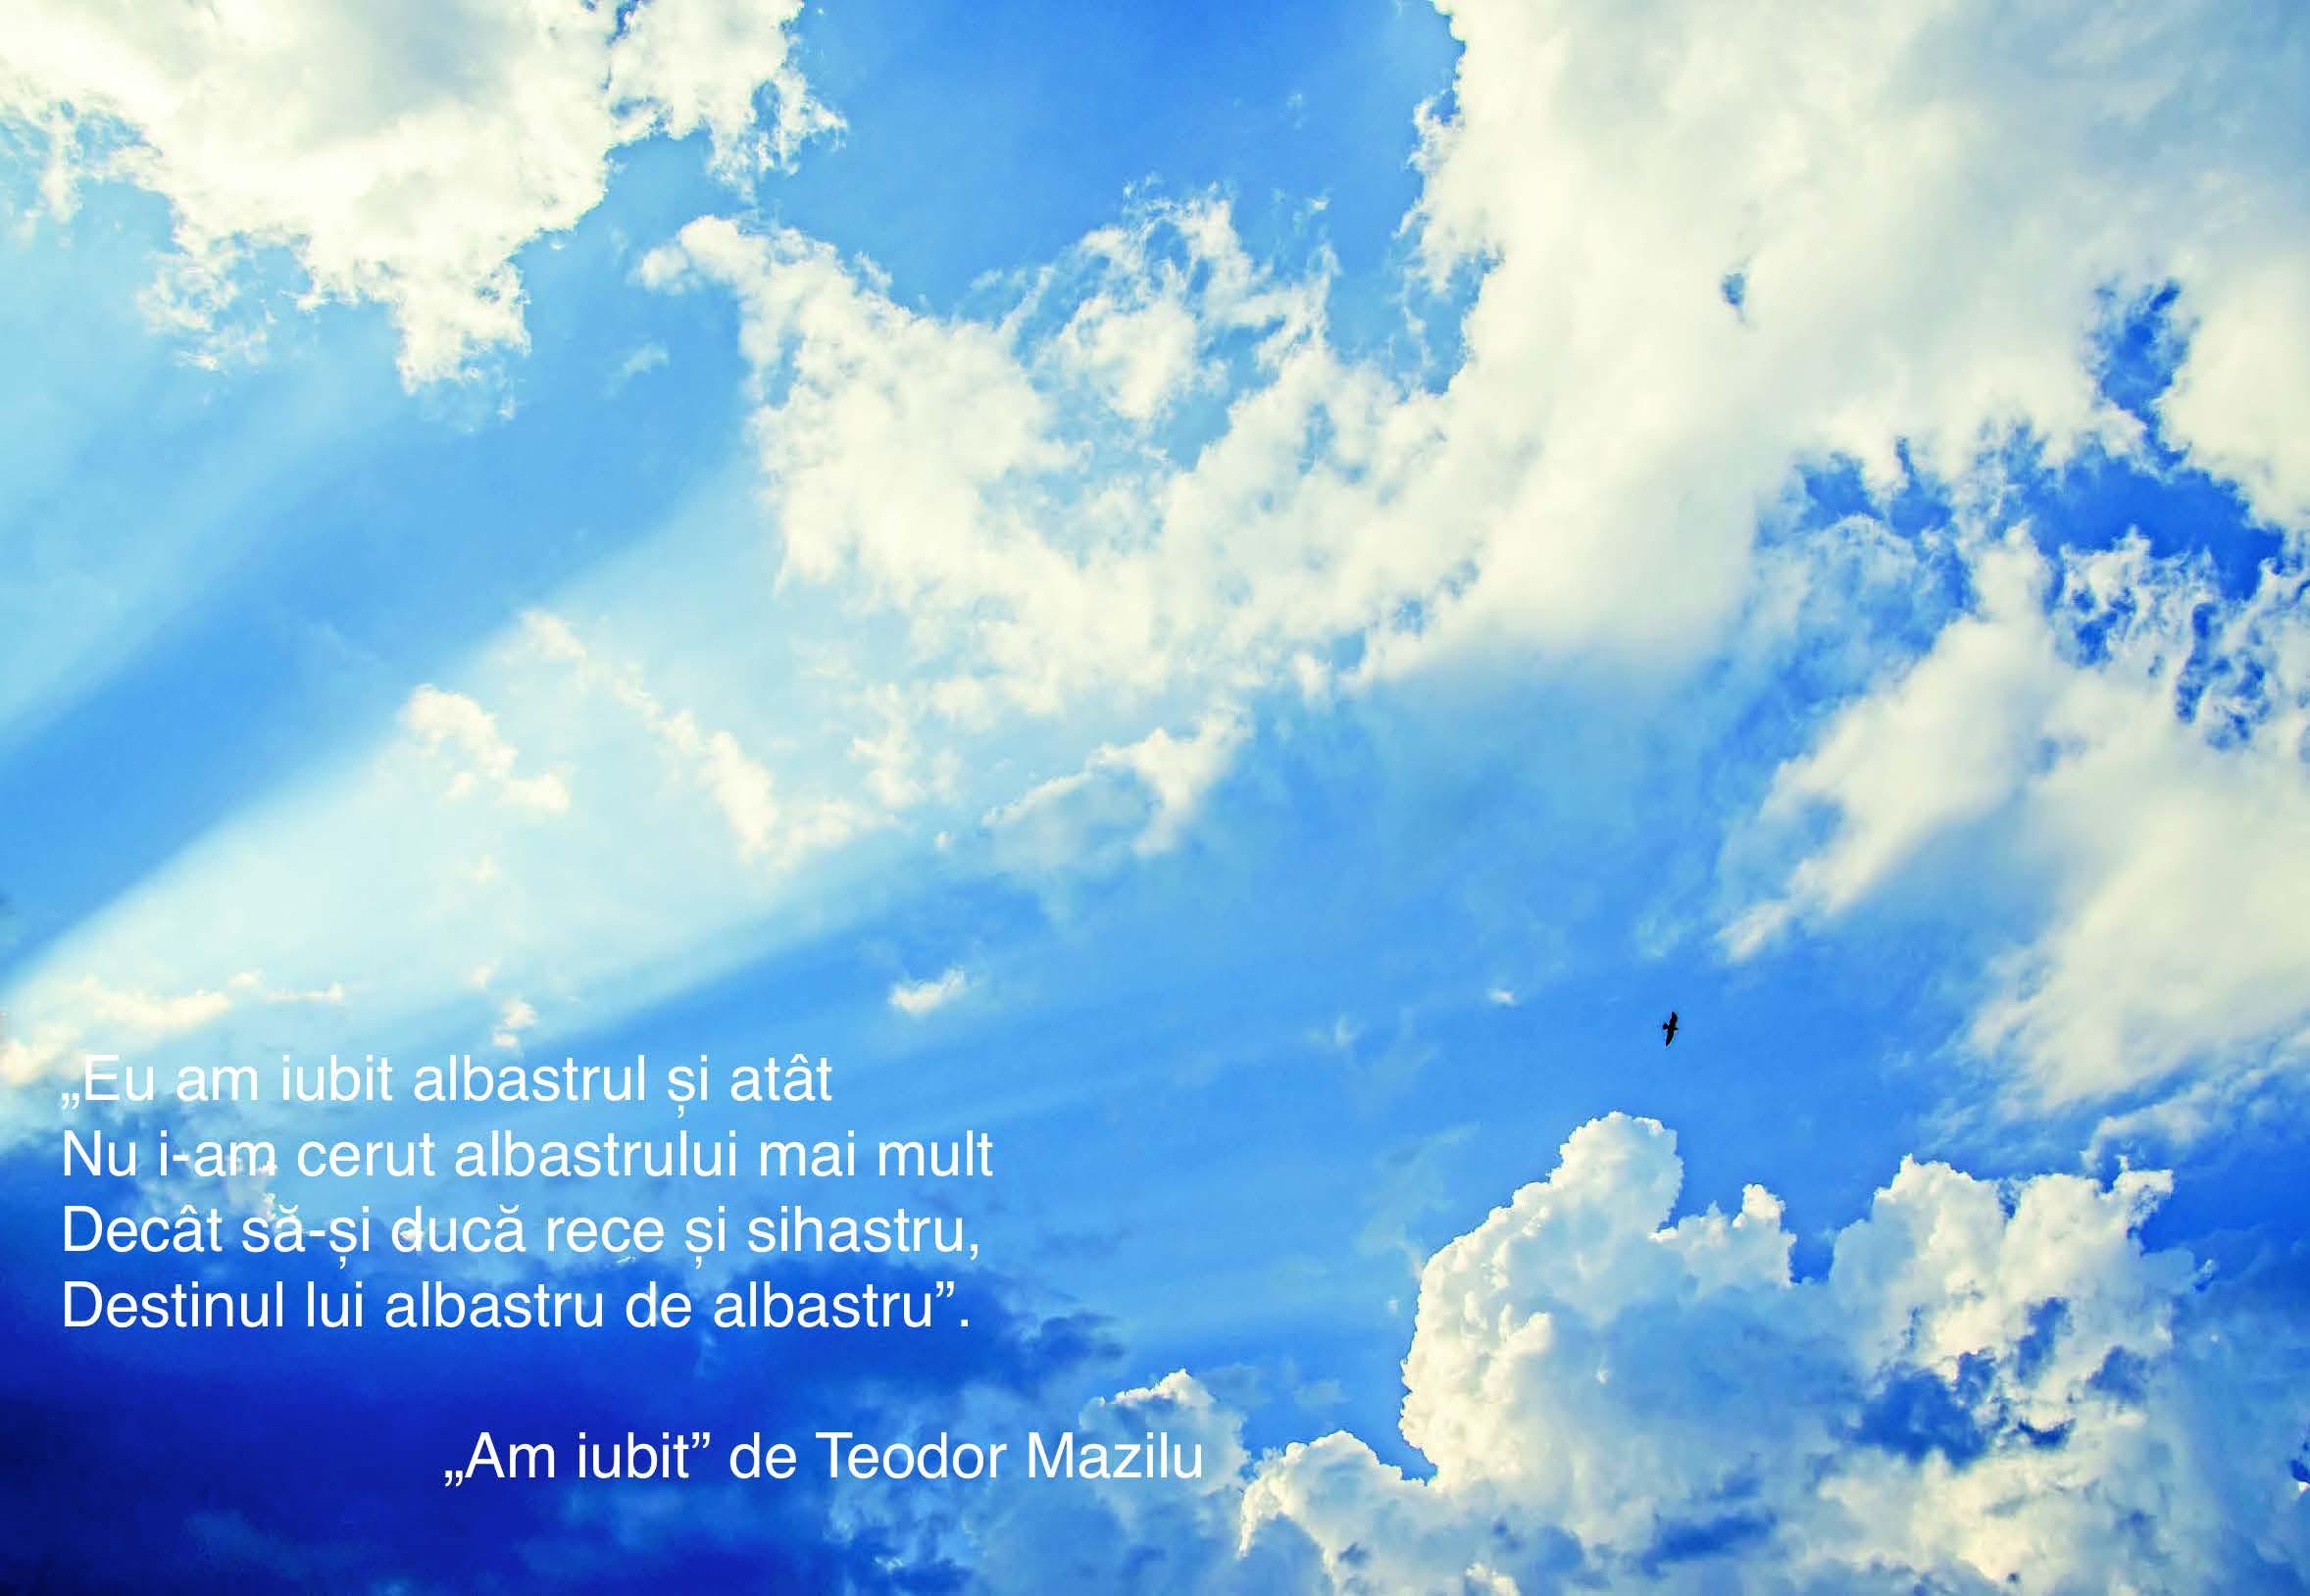 TEODOR MAZILU - Am iubit